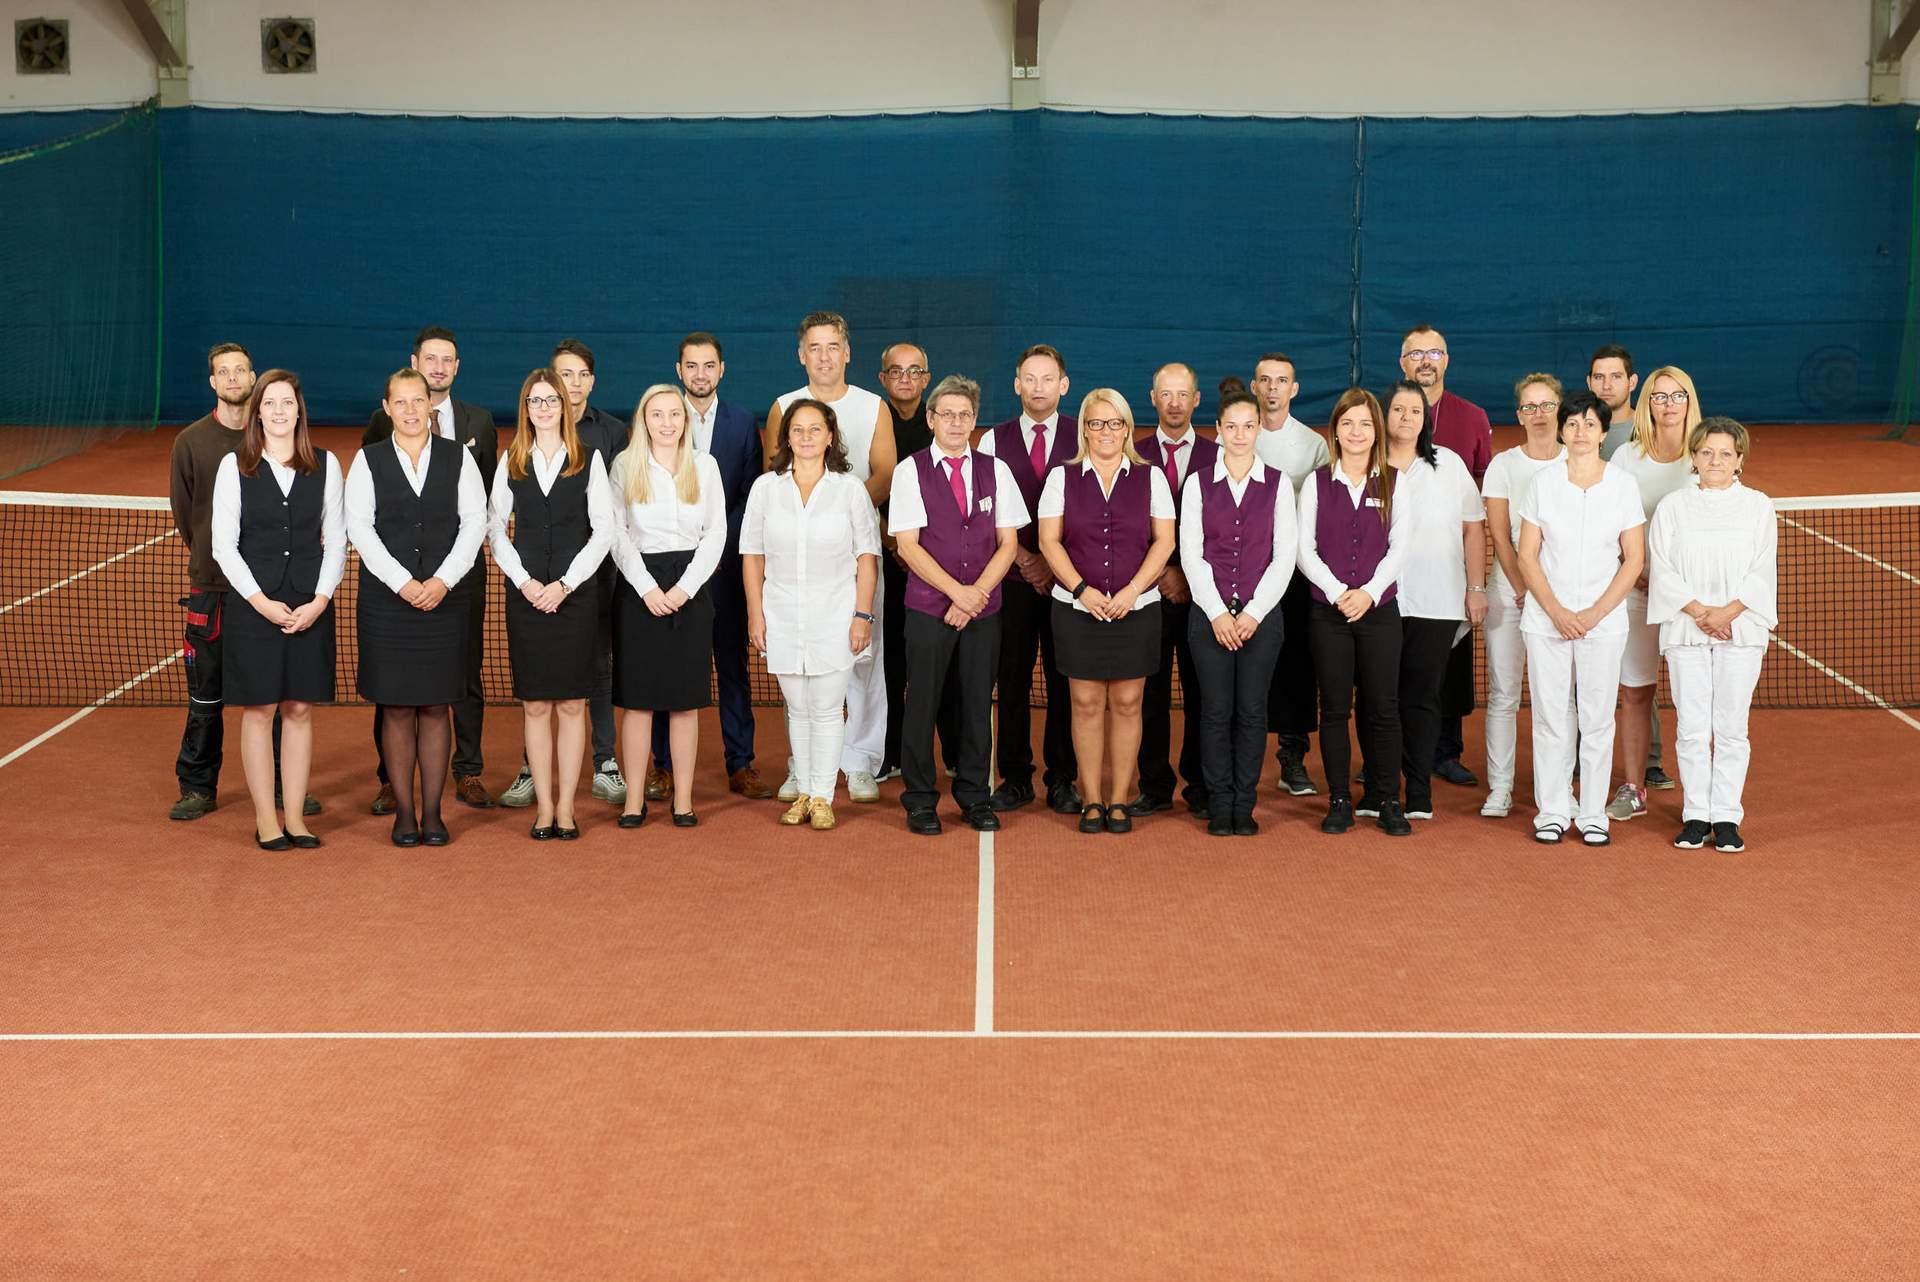 Lutzmannsburg Teamfoto